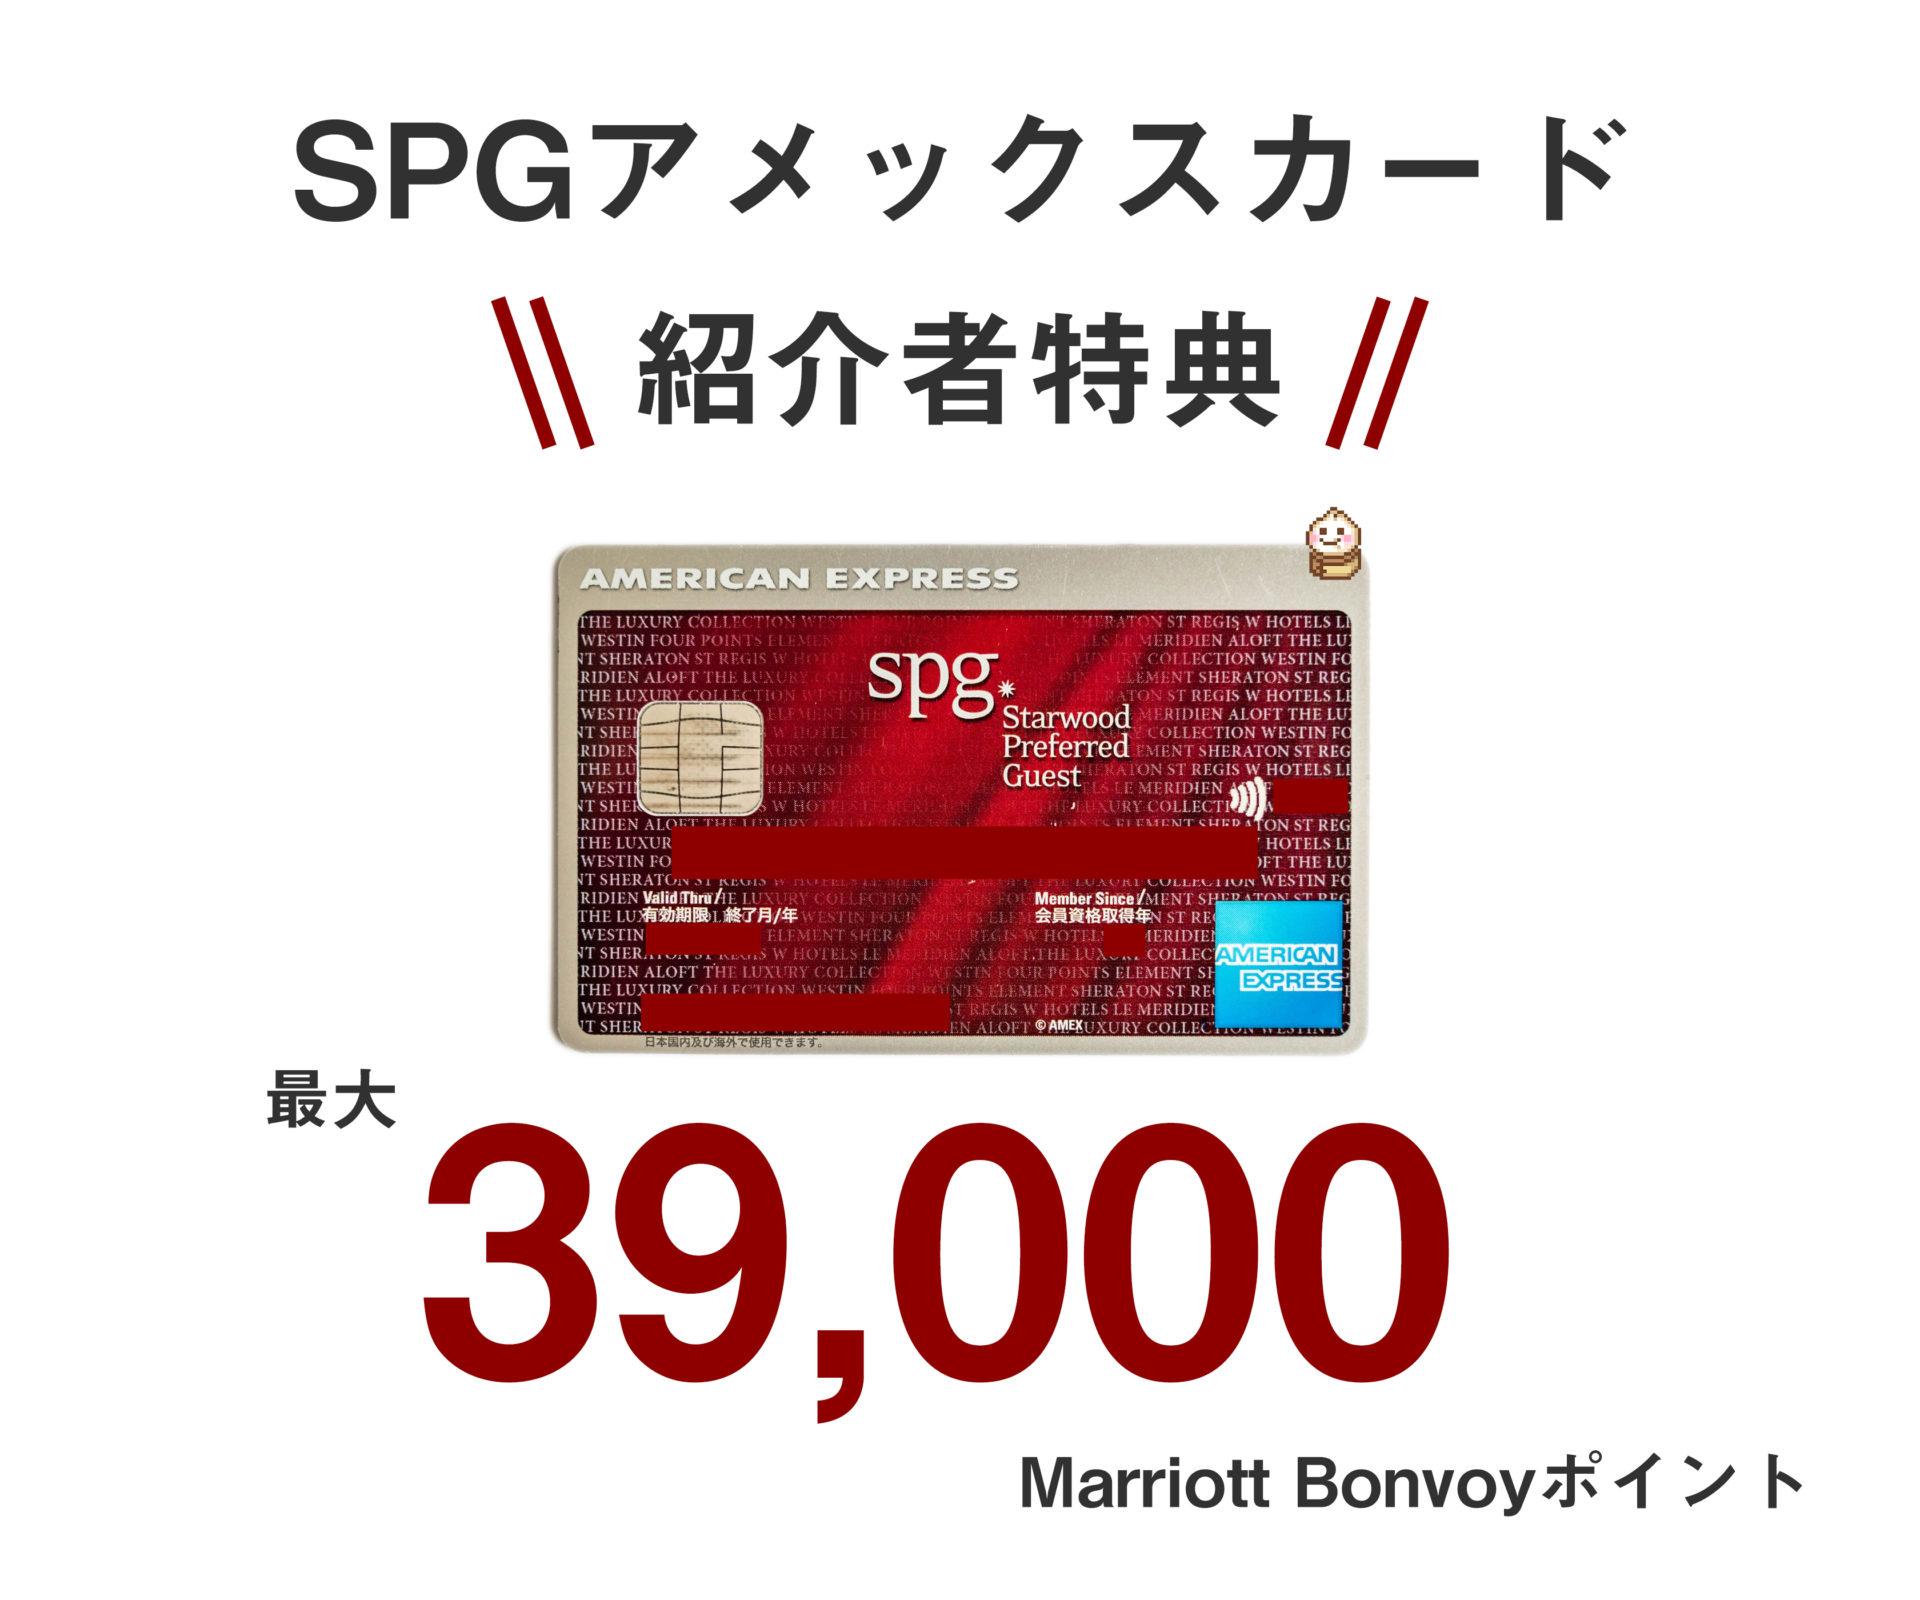 SPGアメックスカード紹介者特典